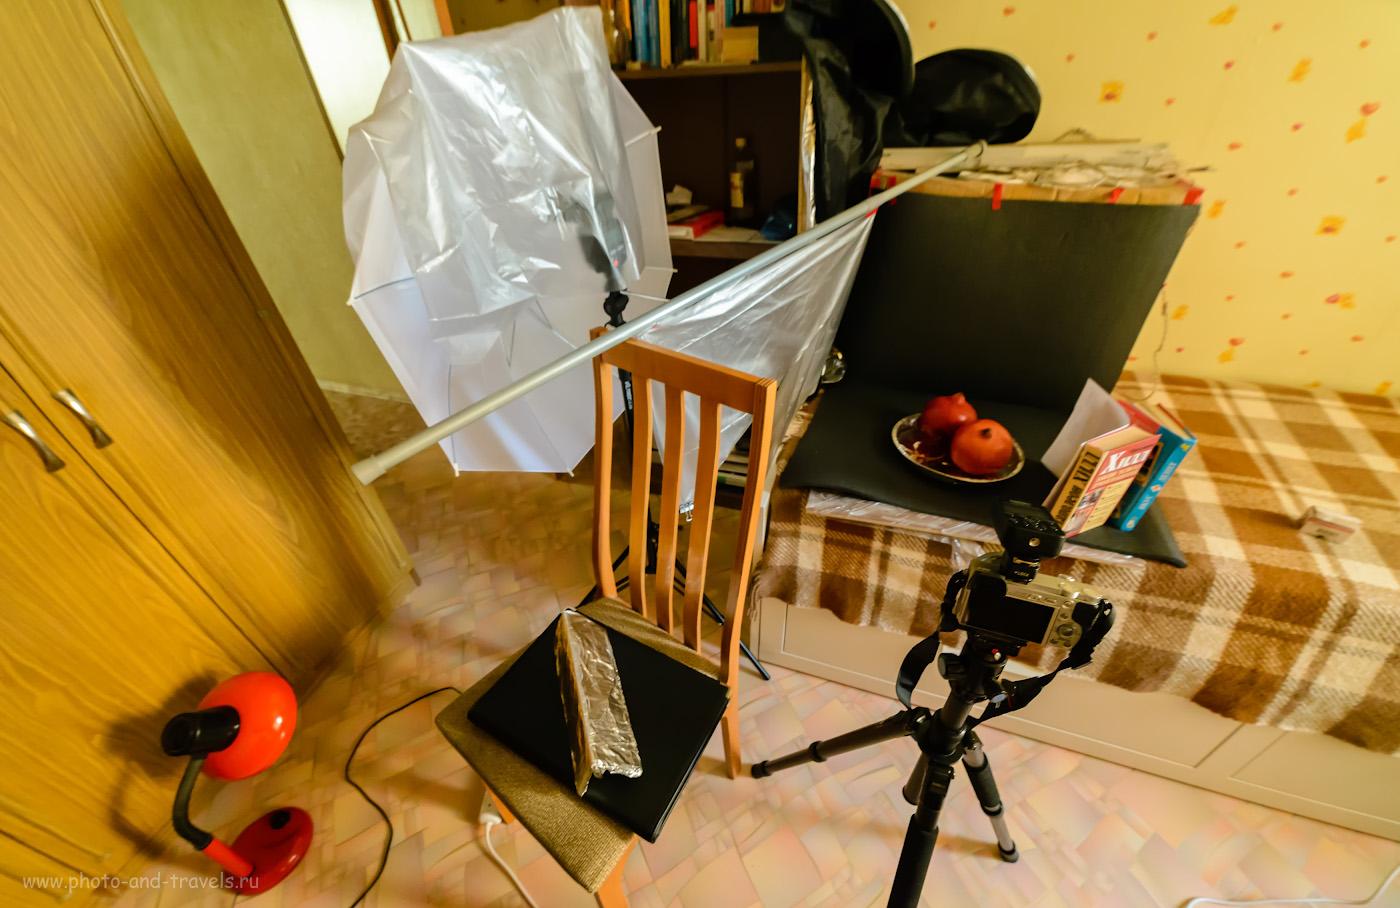 Фотография 12. Подсветка теней при помощи подручных средств. Фотографируем с беззеркалкой Сони А6000 КИТ 16-50/3.5-5.6 и с внешней вспышкой. 1/15, 5.6, 6400, 14.